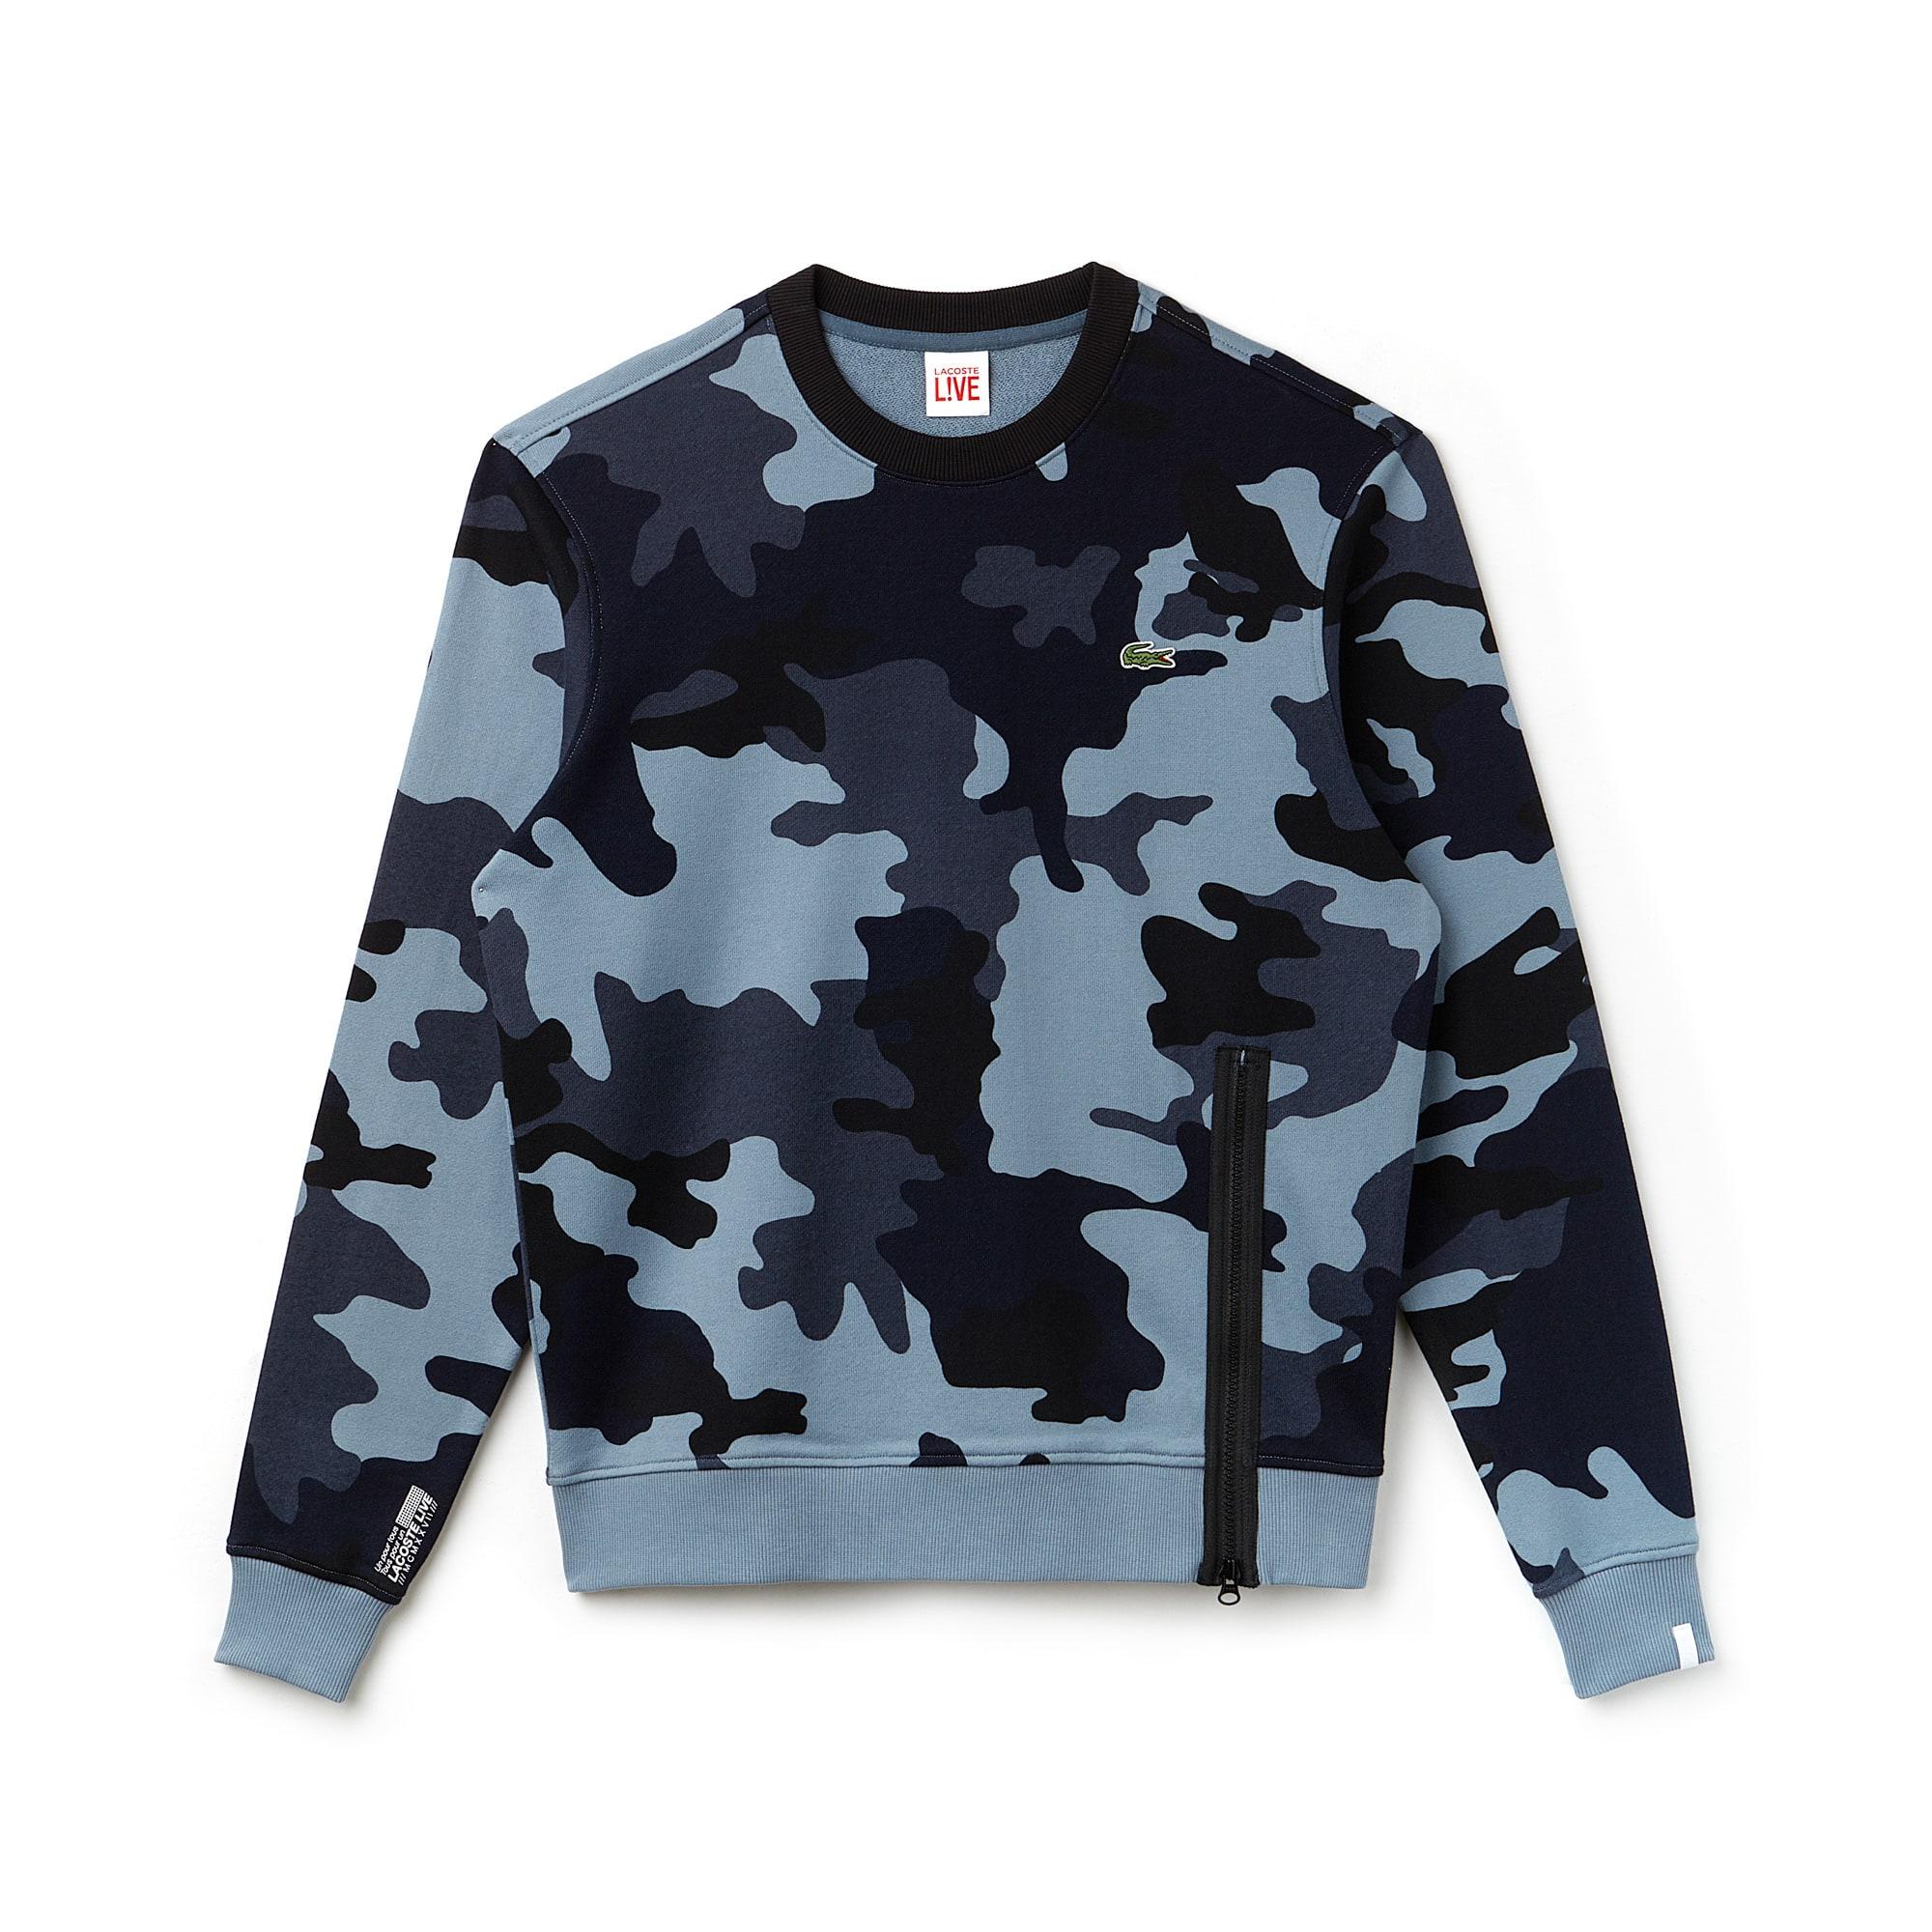 Men's Lacoste LIVE Camouflage Print Fleece Sweatshirt